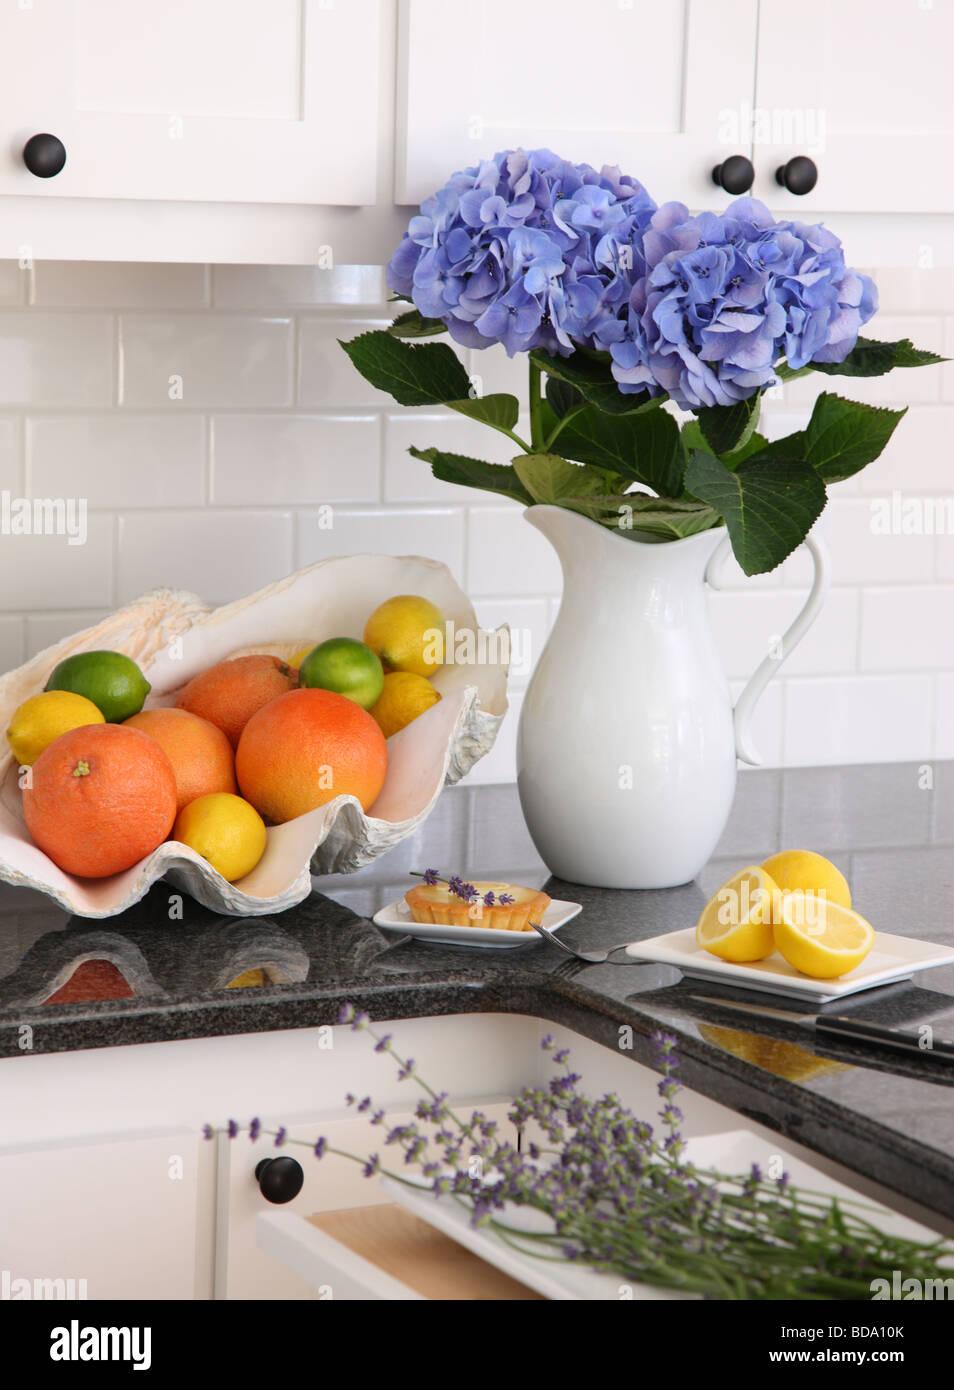 Cocina bodegón con cítricos y flores. Imagen De Stock